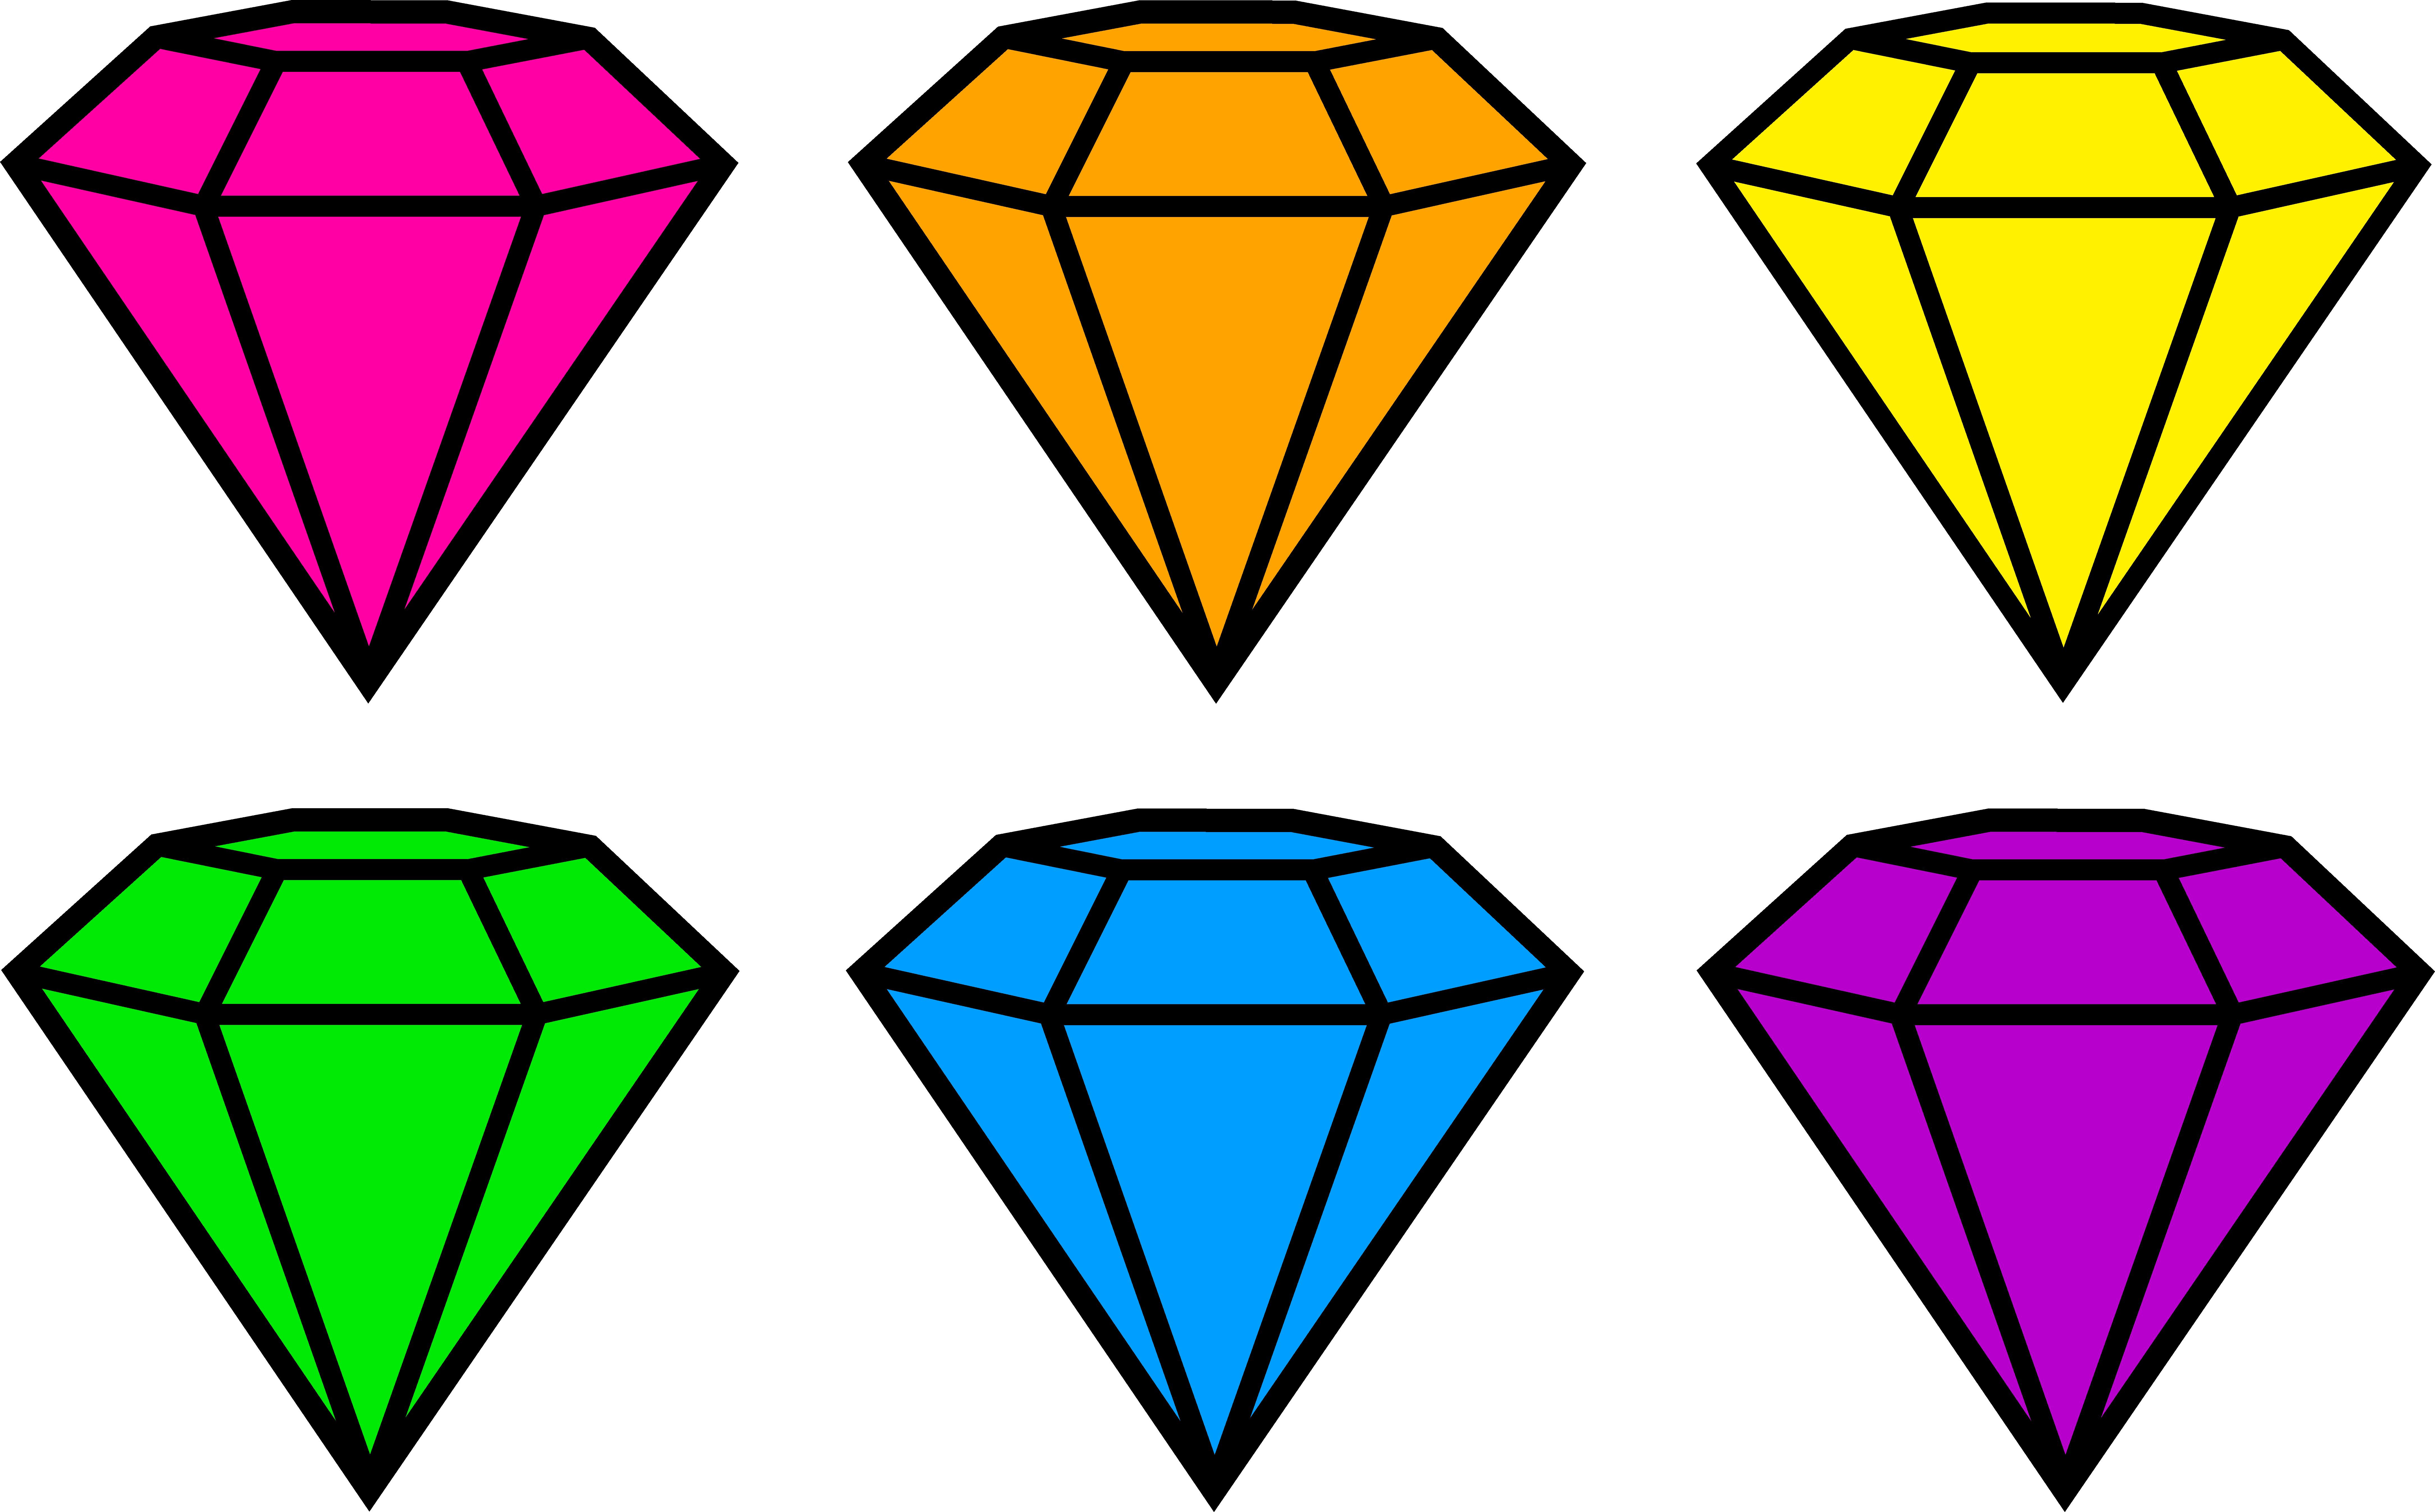 Diamond clipart treasure. Clip art design of